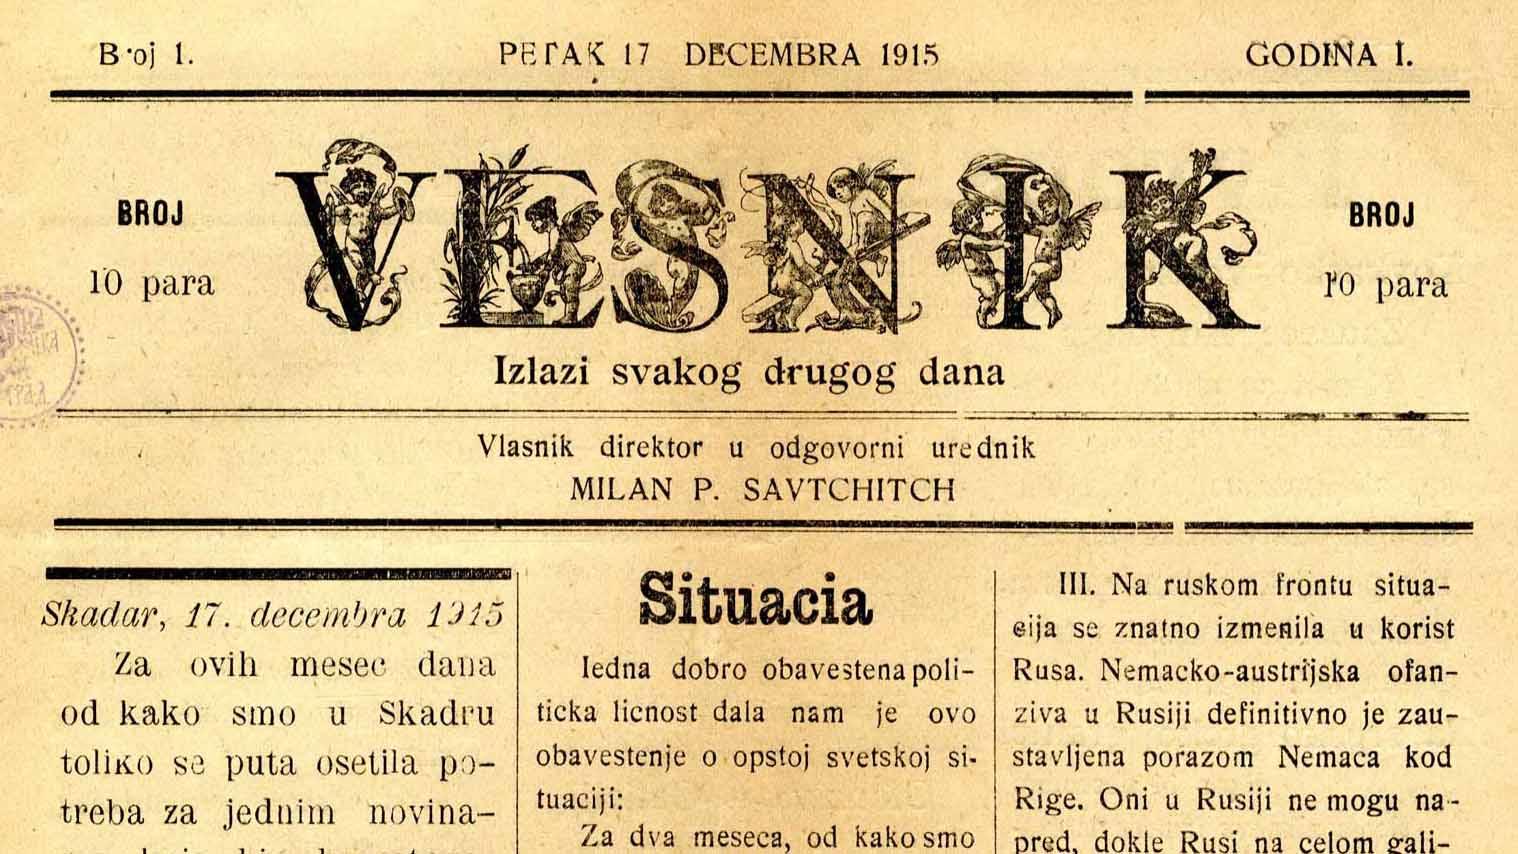 Vesnik - the Herald (detail)